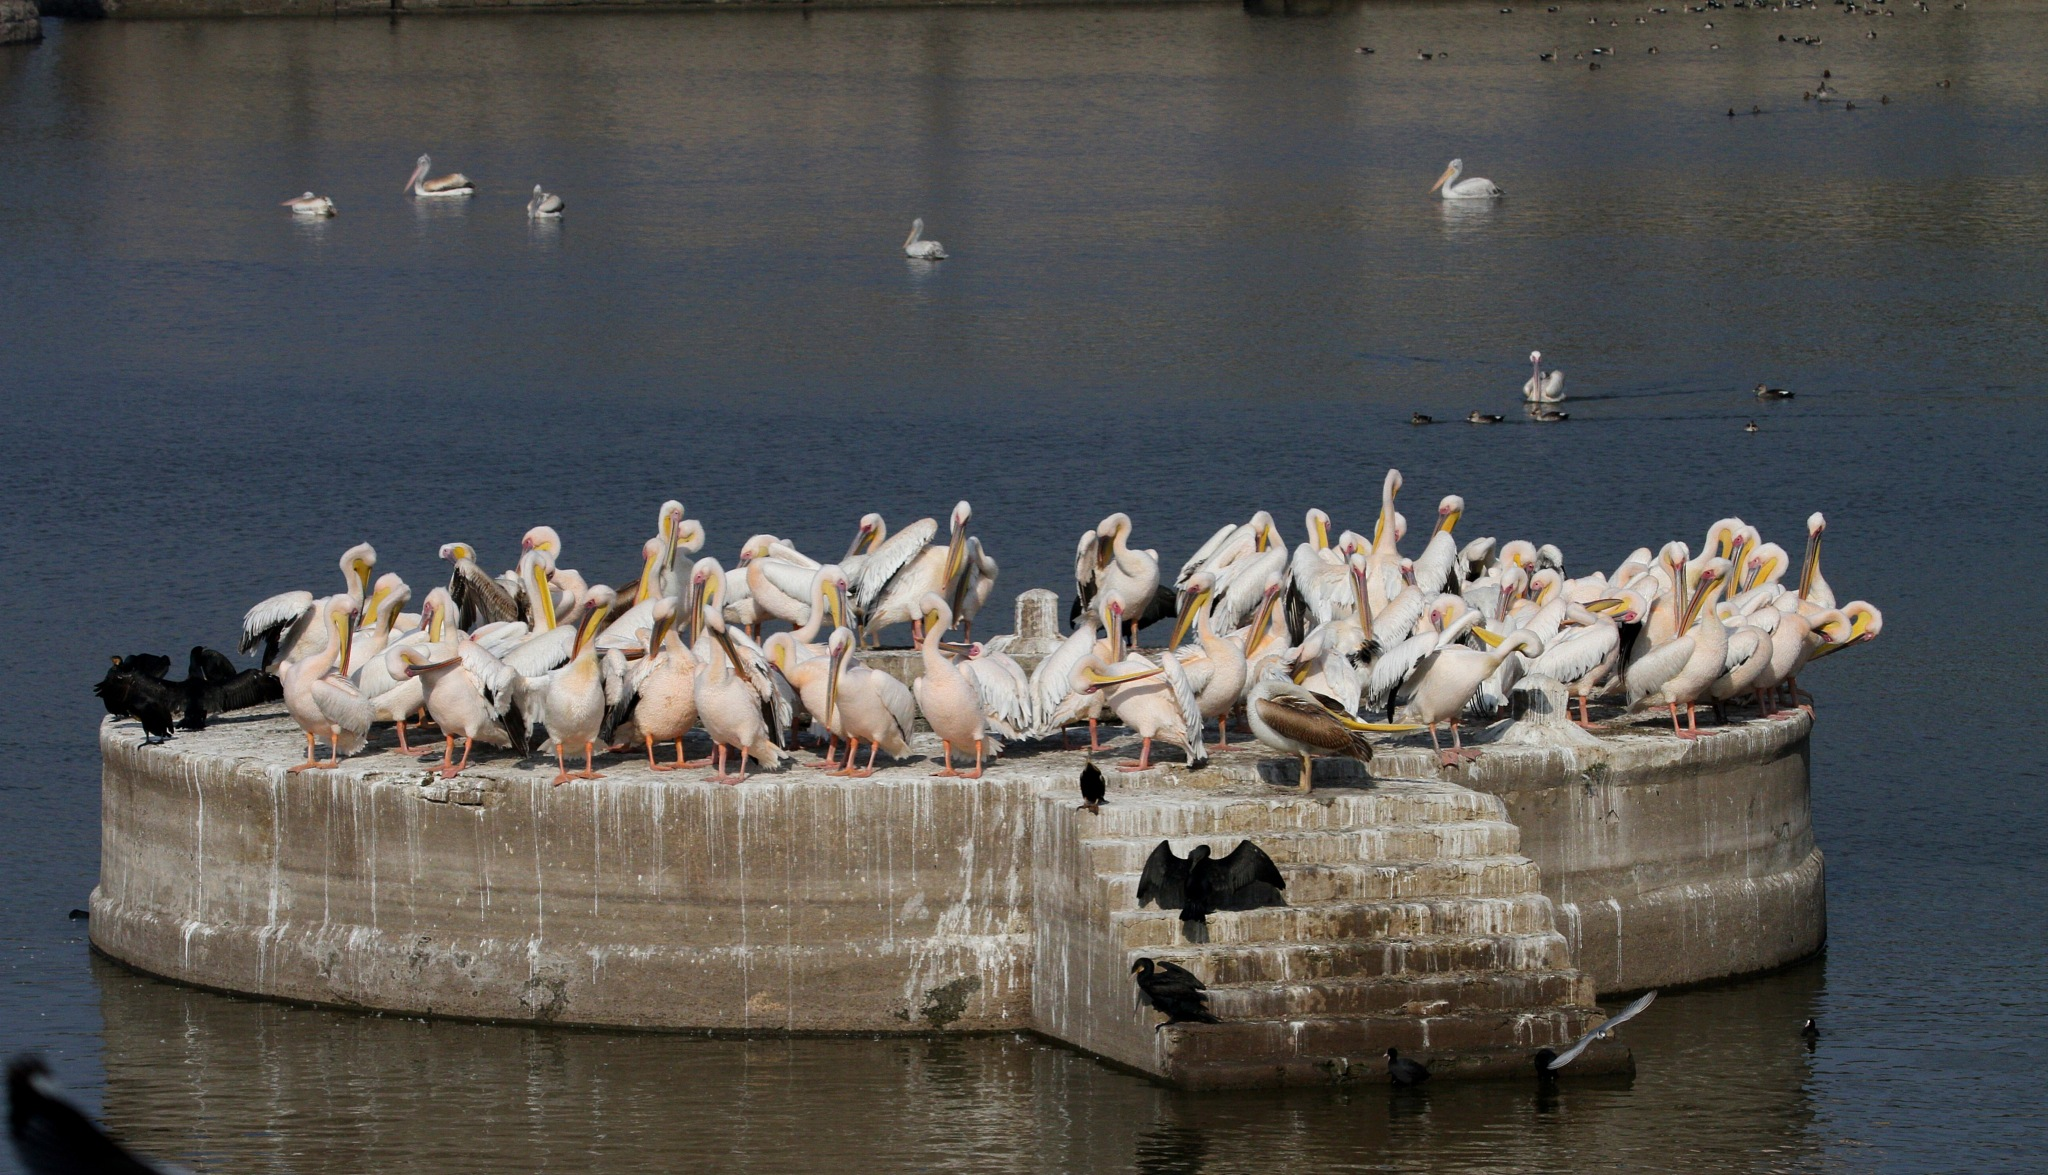 Groups of Great White PelicanS @ Jamnagar Lakhota LakE............. by NIRAJ MEHTA